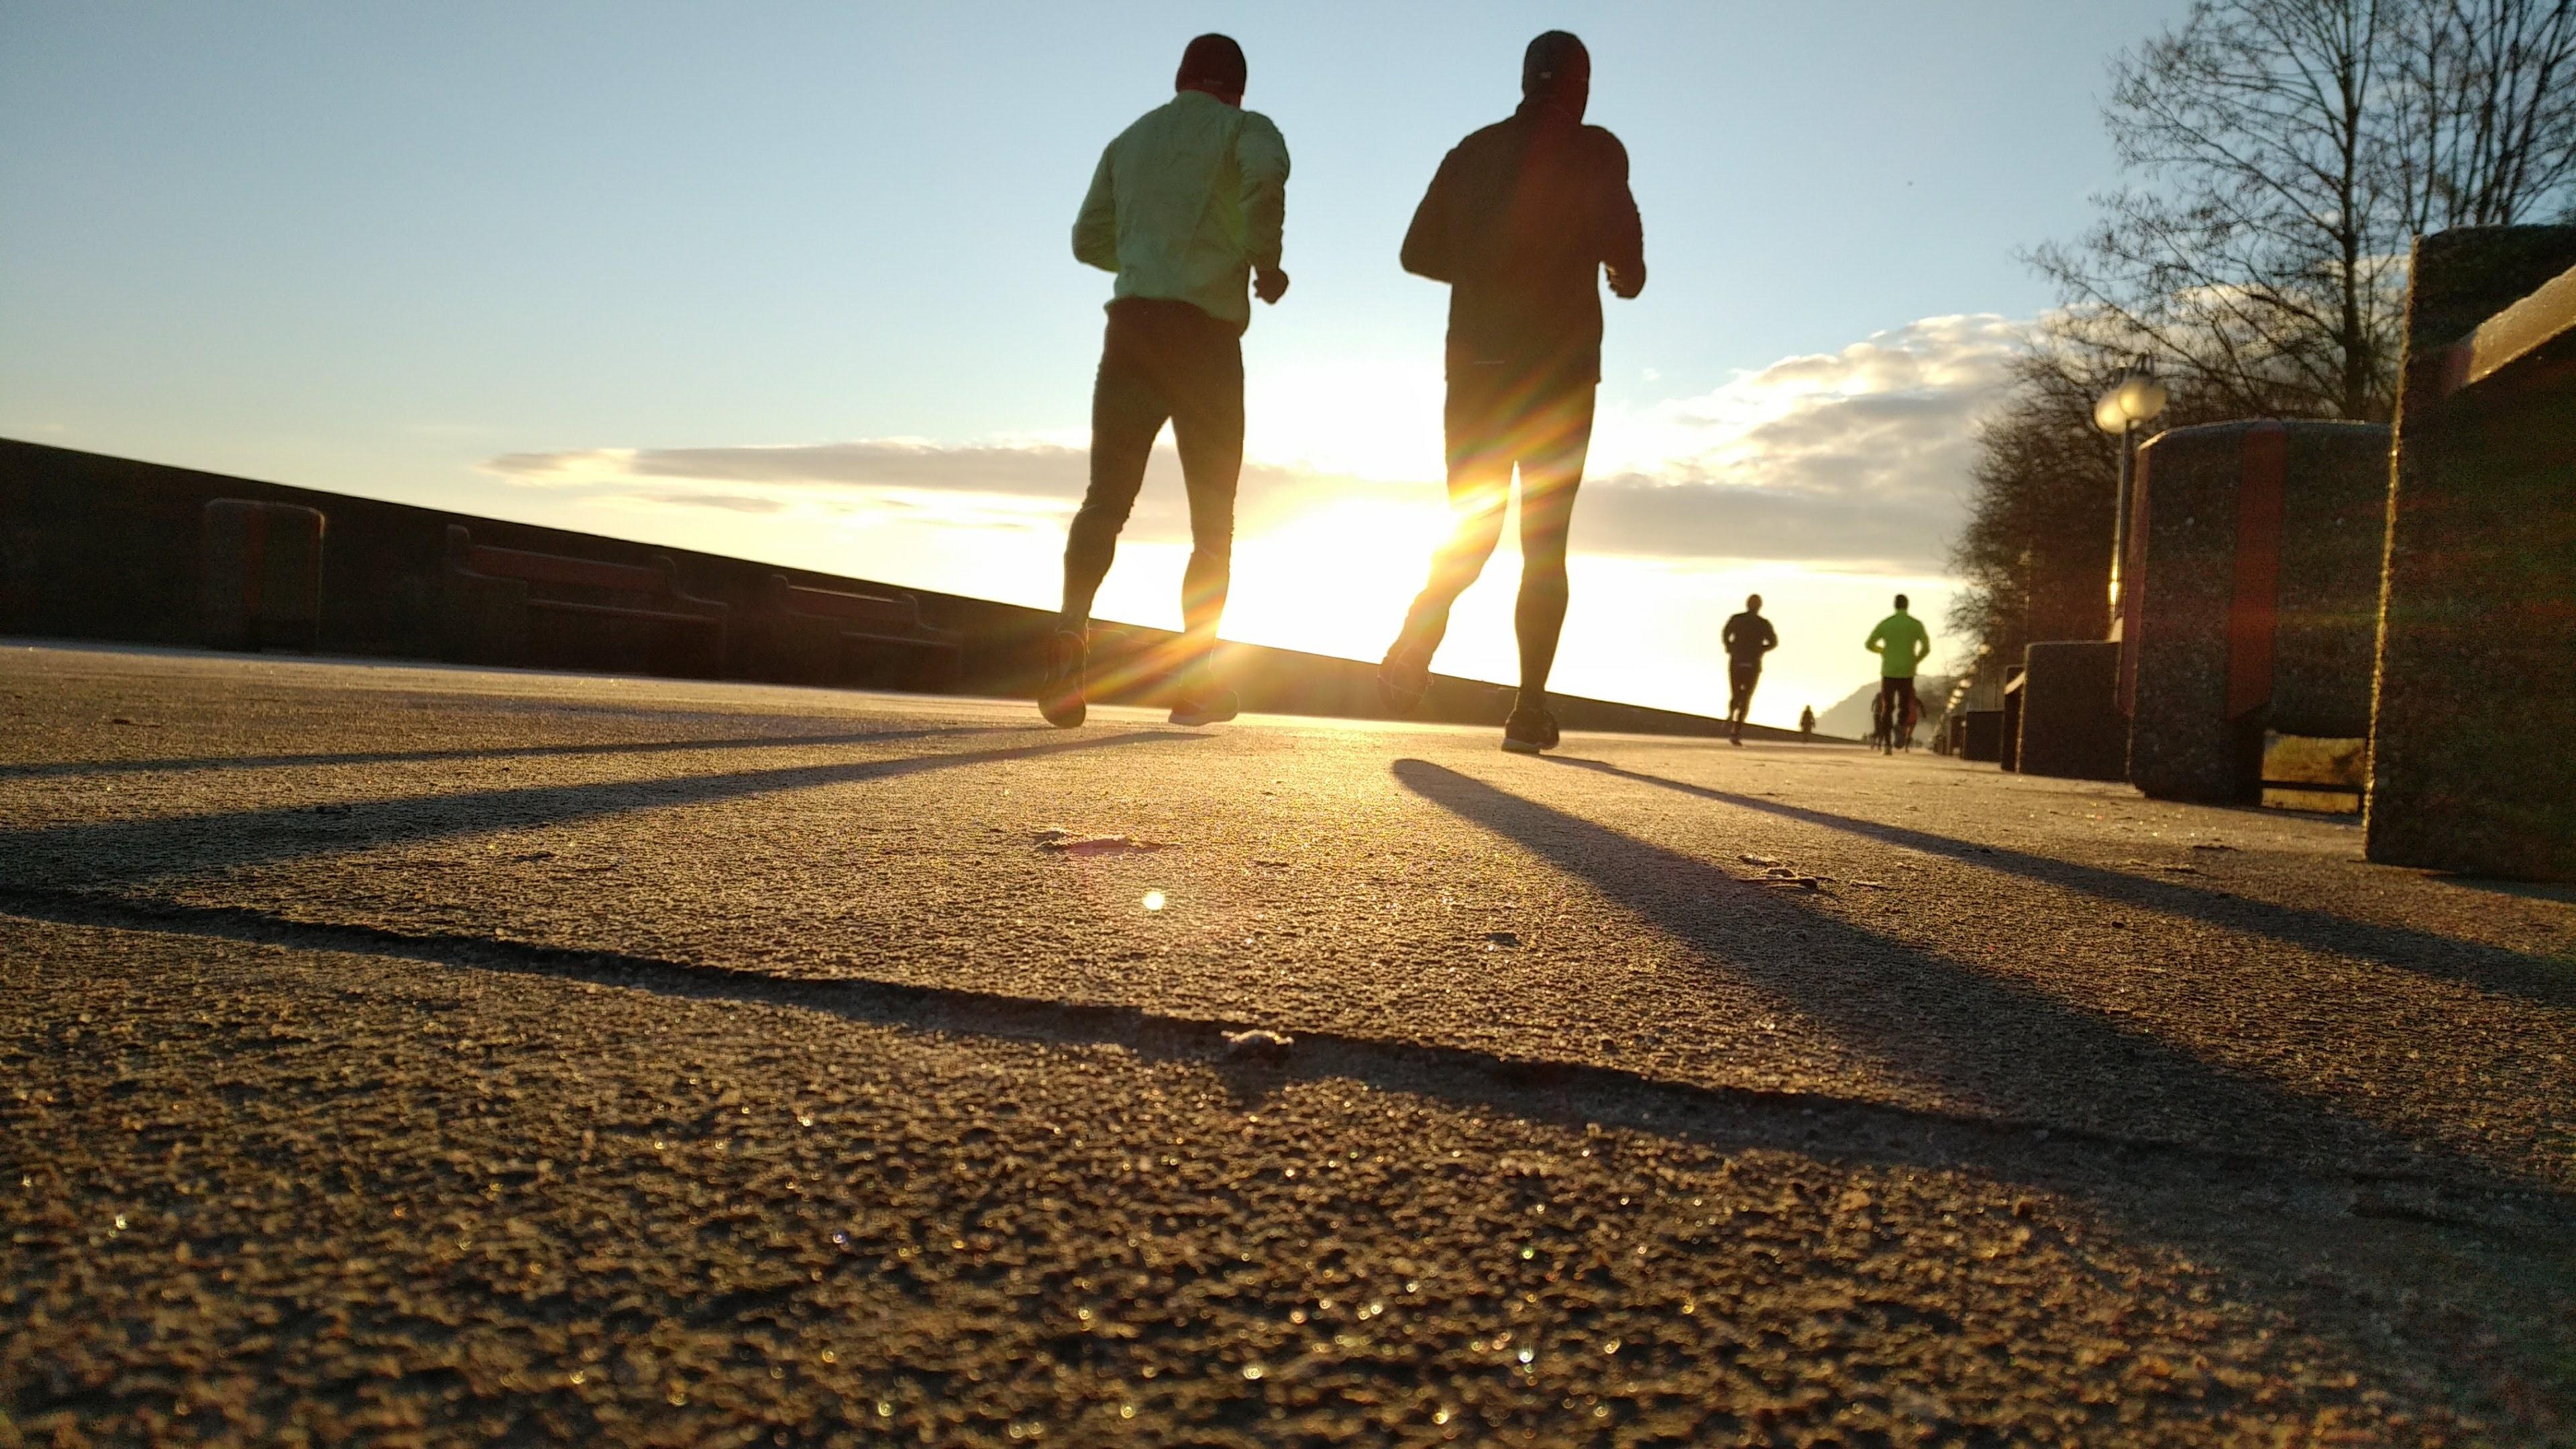 Runners Running at Sunset